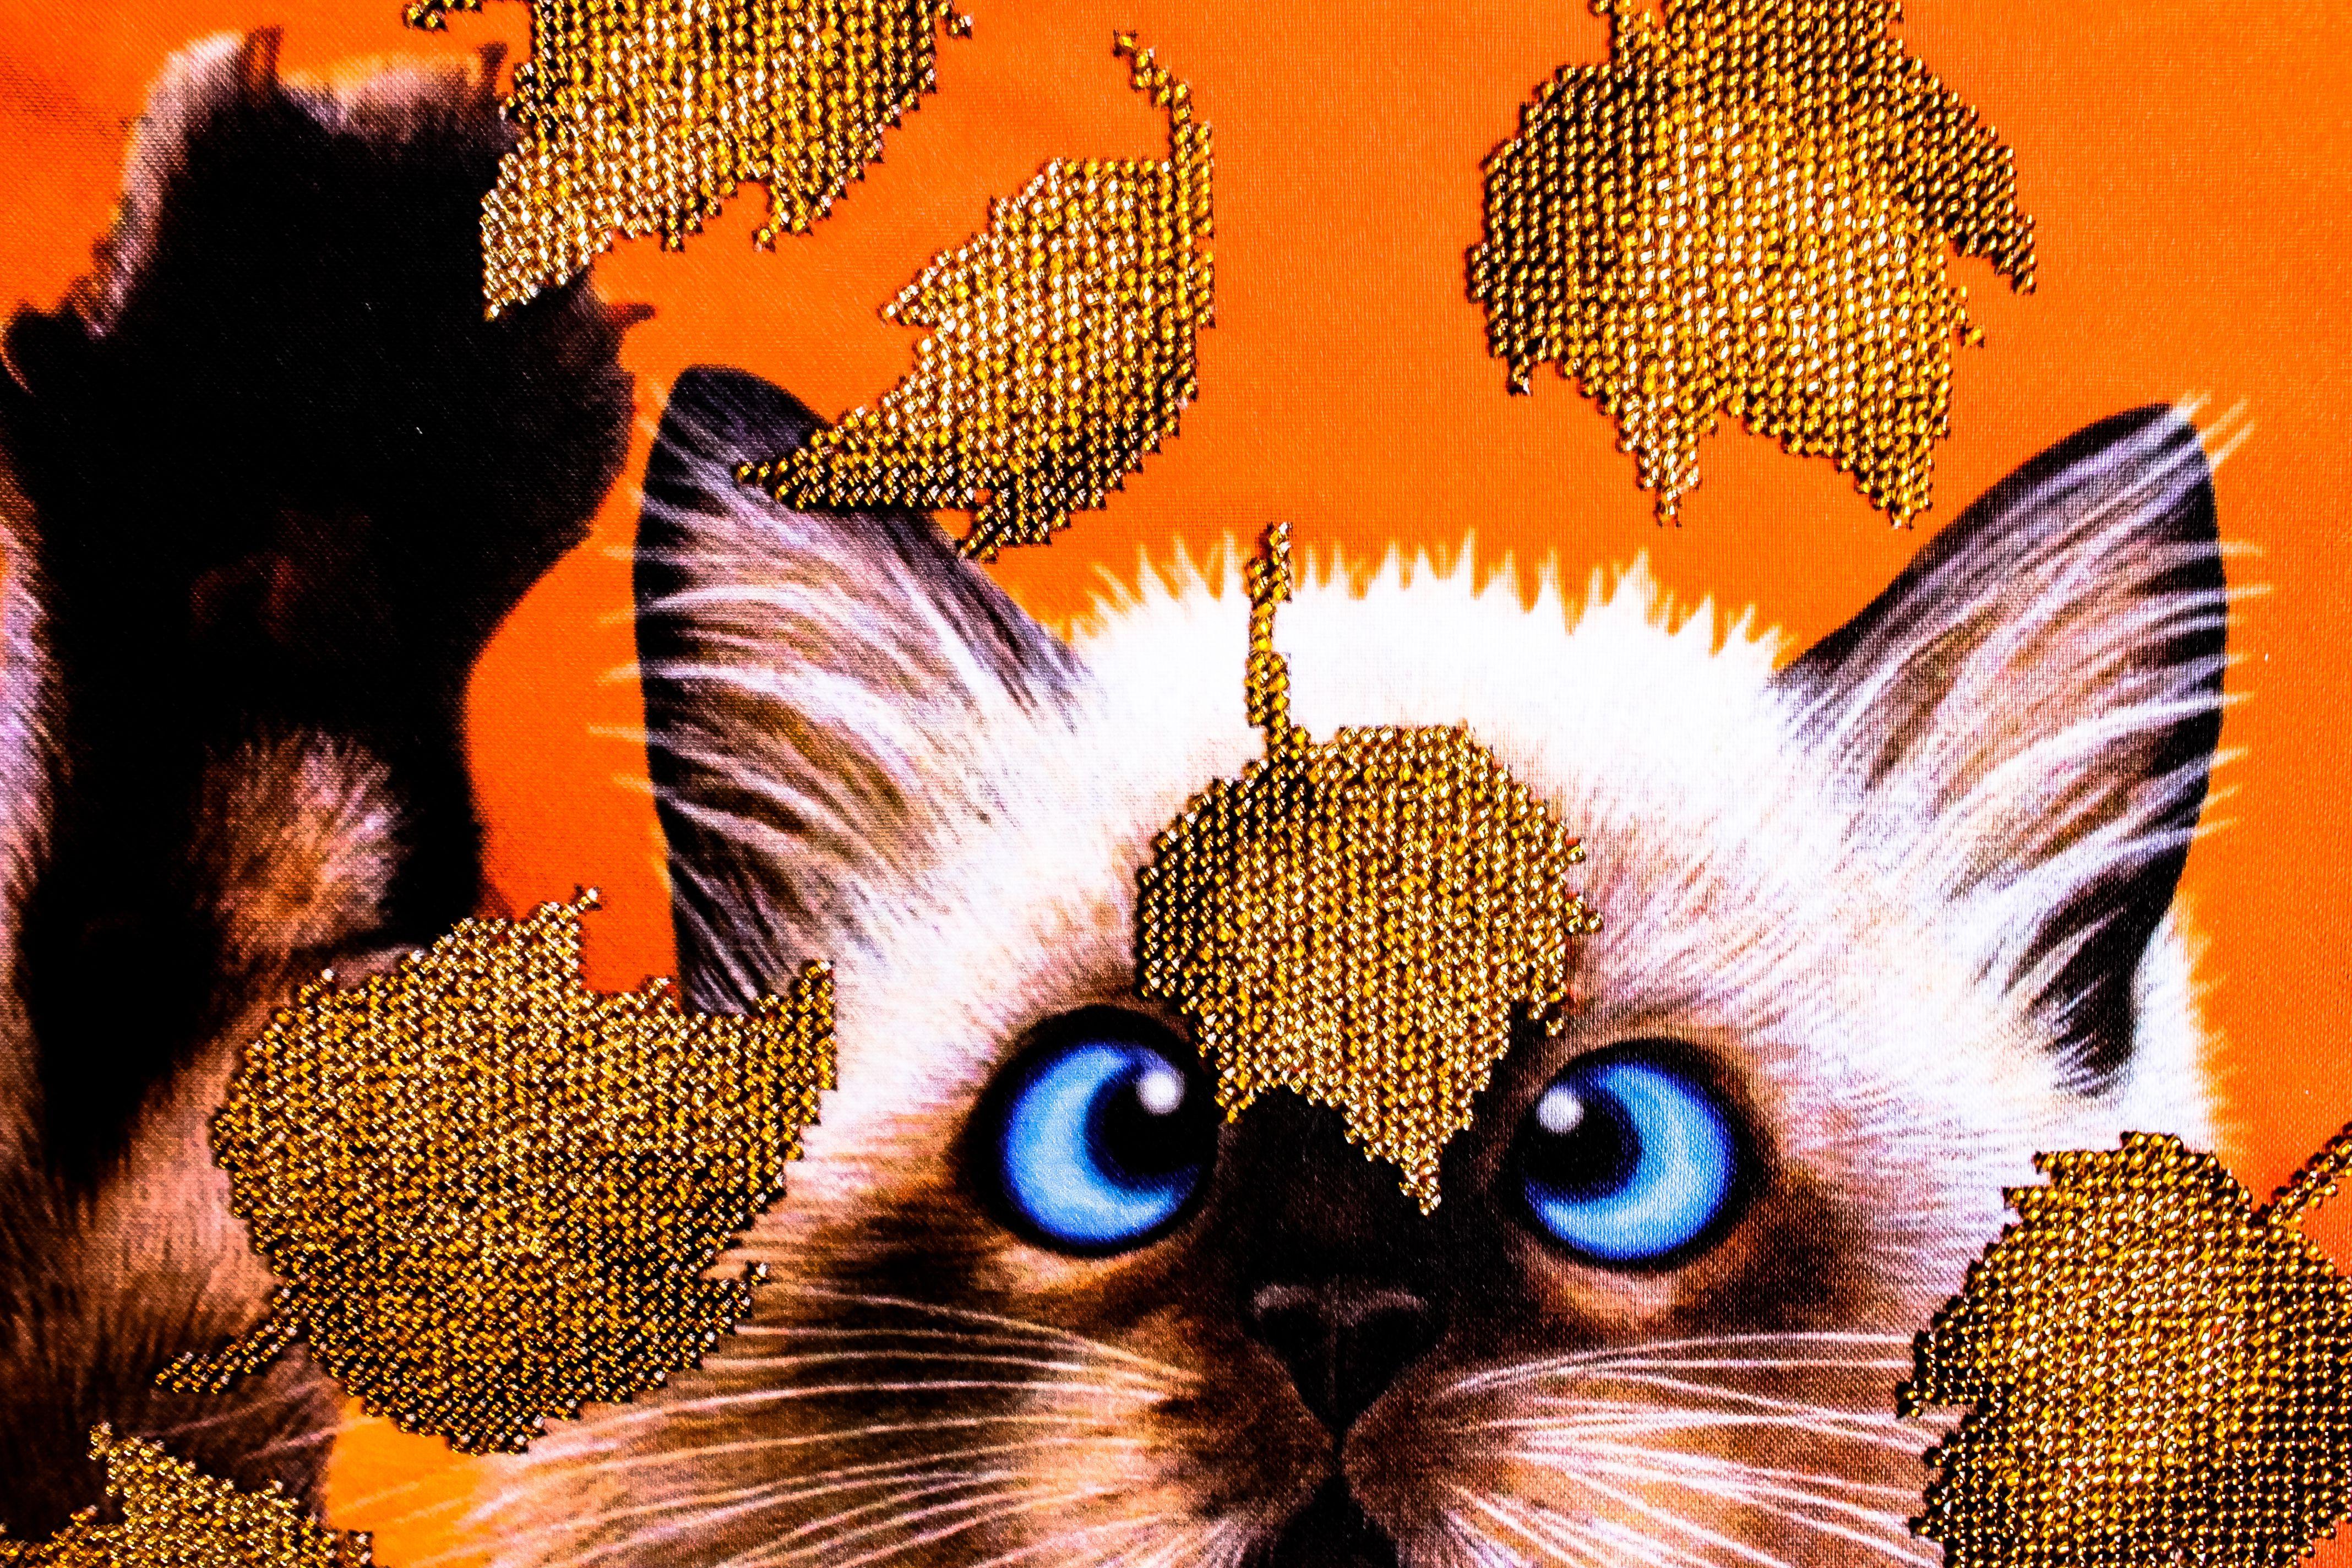 коричневый buy картина подарок бисера picture interior животные beads cat котенок вышитая кот handmade вышитые листьях for вышивка бисером бисер котик